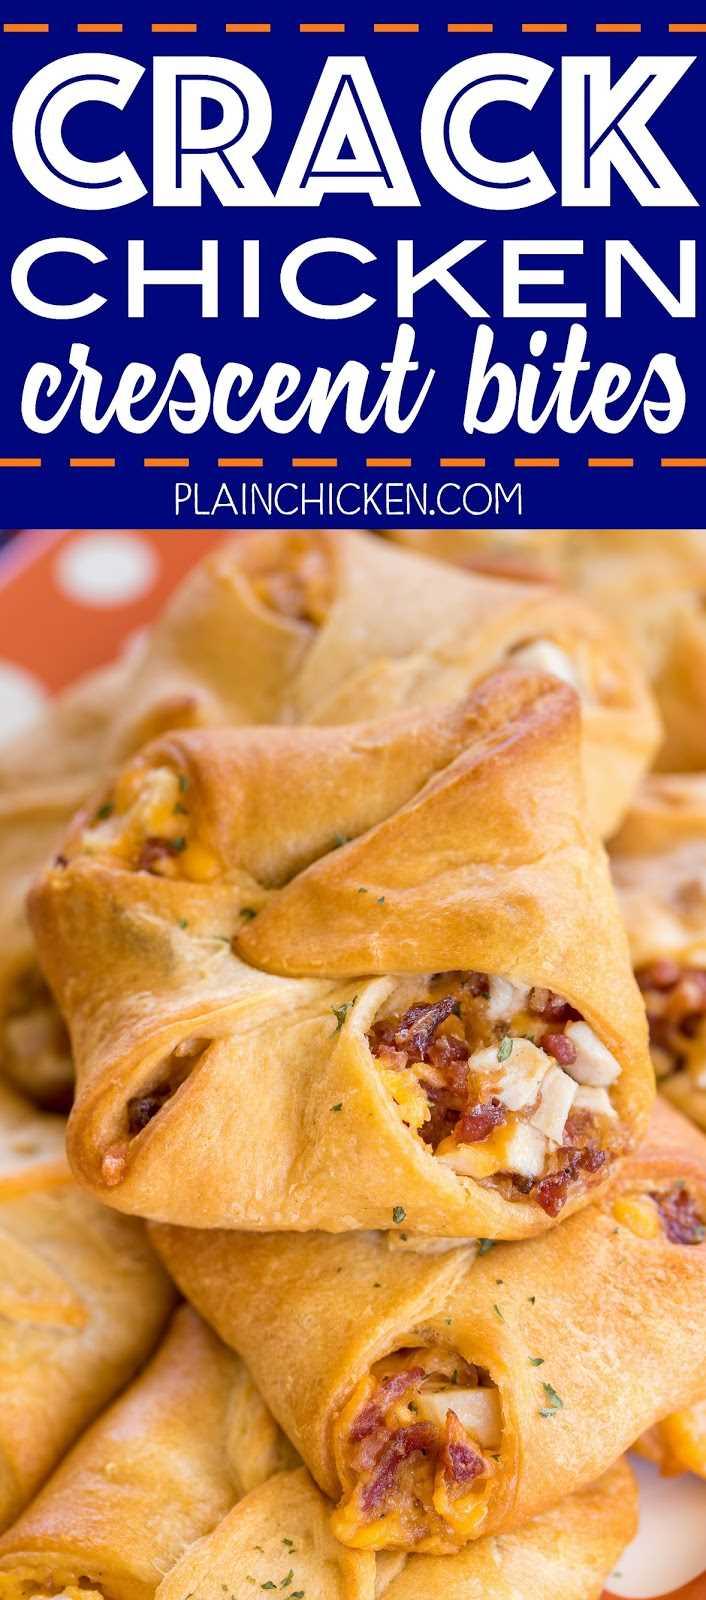 Crack Chicken Crescent Bites: pollo, tocino, queso cheddar y rancho horneados en rollos de media luna. ¡¡¡Muy adictivo!!! Los llevé a una fiesta y salieron volando del plato. Es posible que desee duplicar esta receta. Todos elogian esta receta fácil de pollo. Ideal para chucherías, fiestas, almuerzos y cenas. Puede preparar la mezcla de pollo con anticipación y ensamblar medias lunas cuando esté listo para hornear. ¡¡¡TAN BUENO!!!